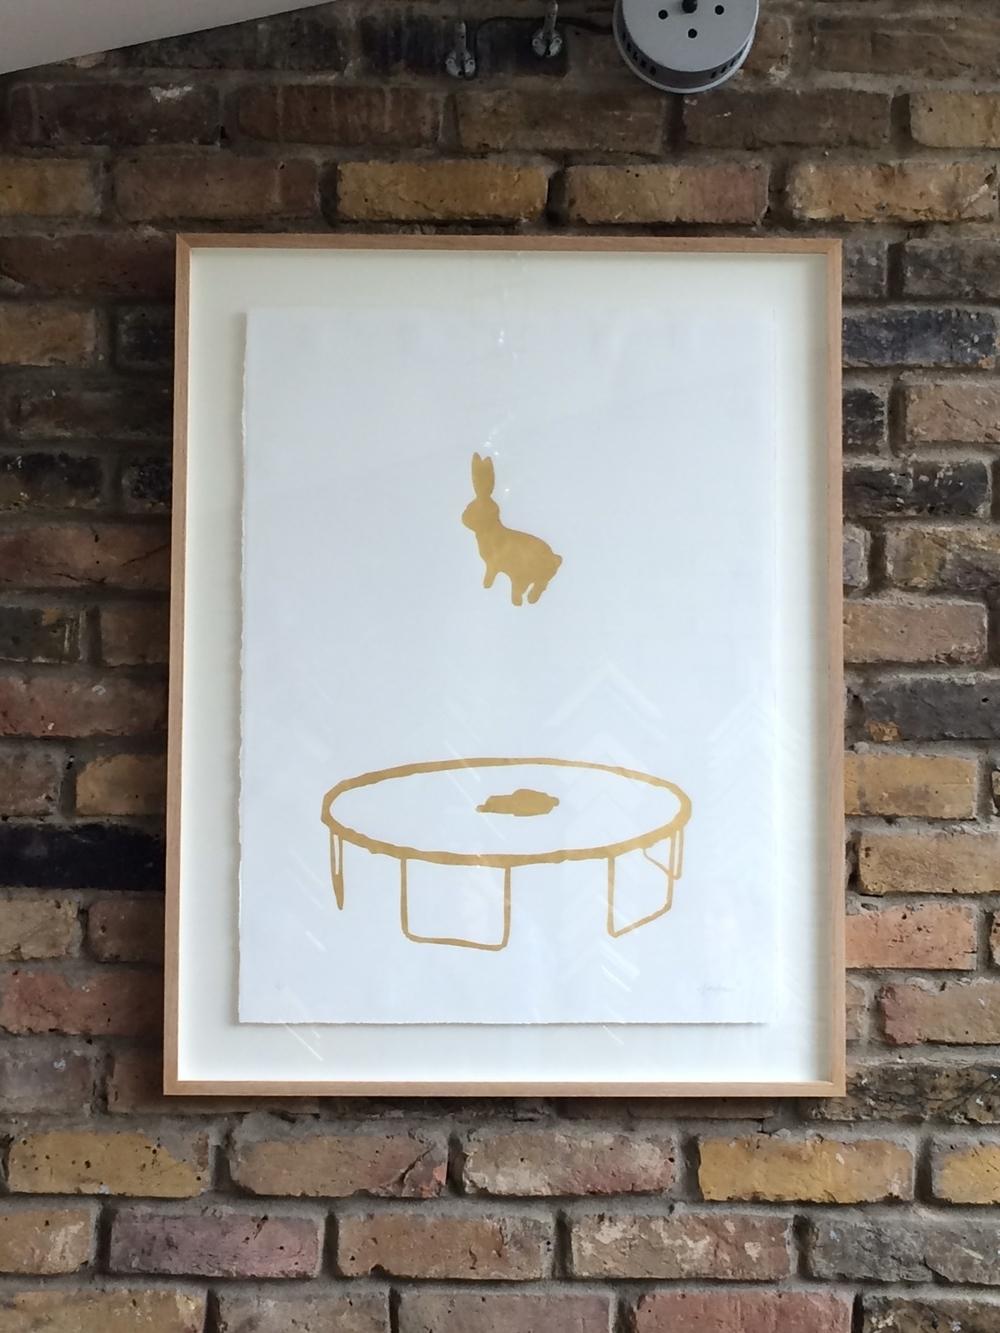 24 Carat Gold Leaf Bunny, floated, Oak Frame. Artist, Hammade.